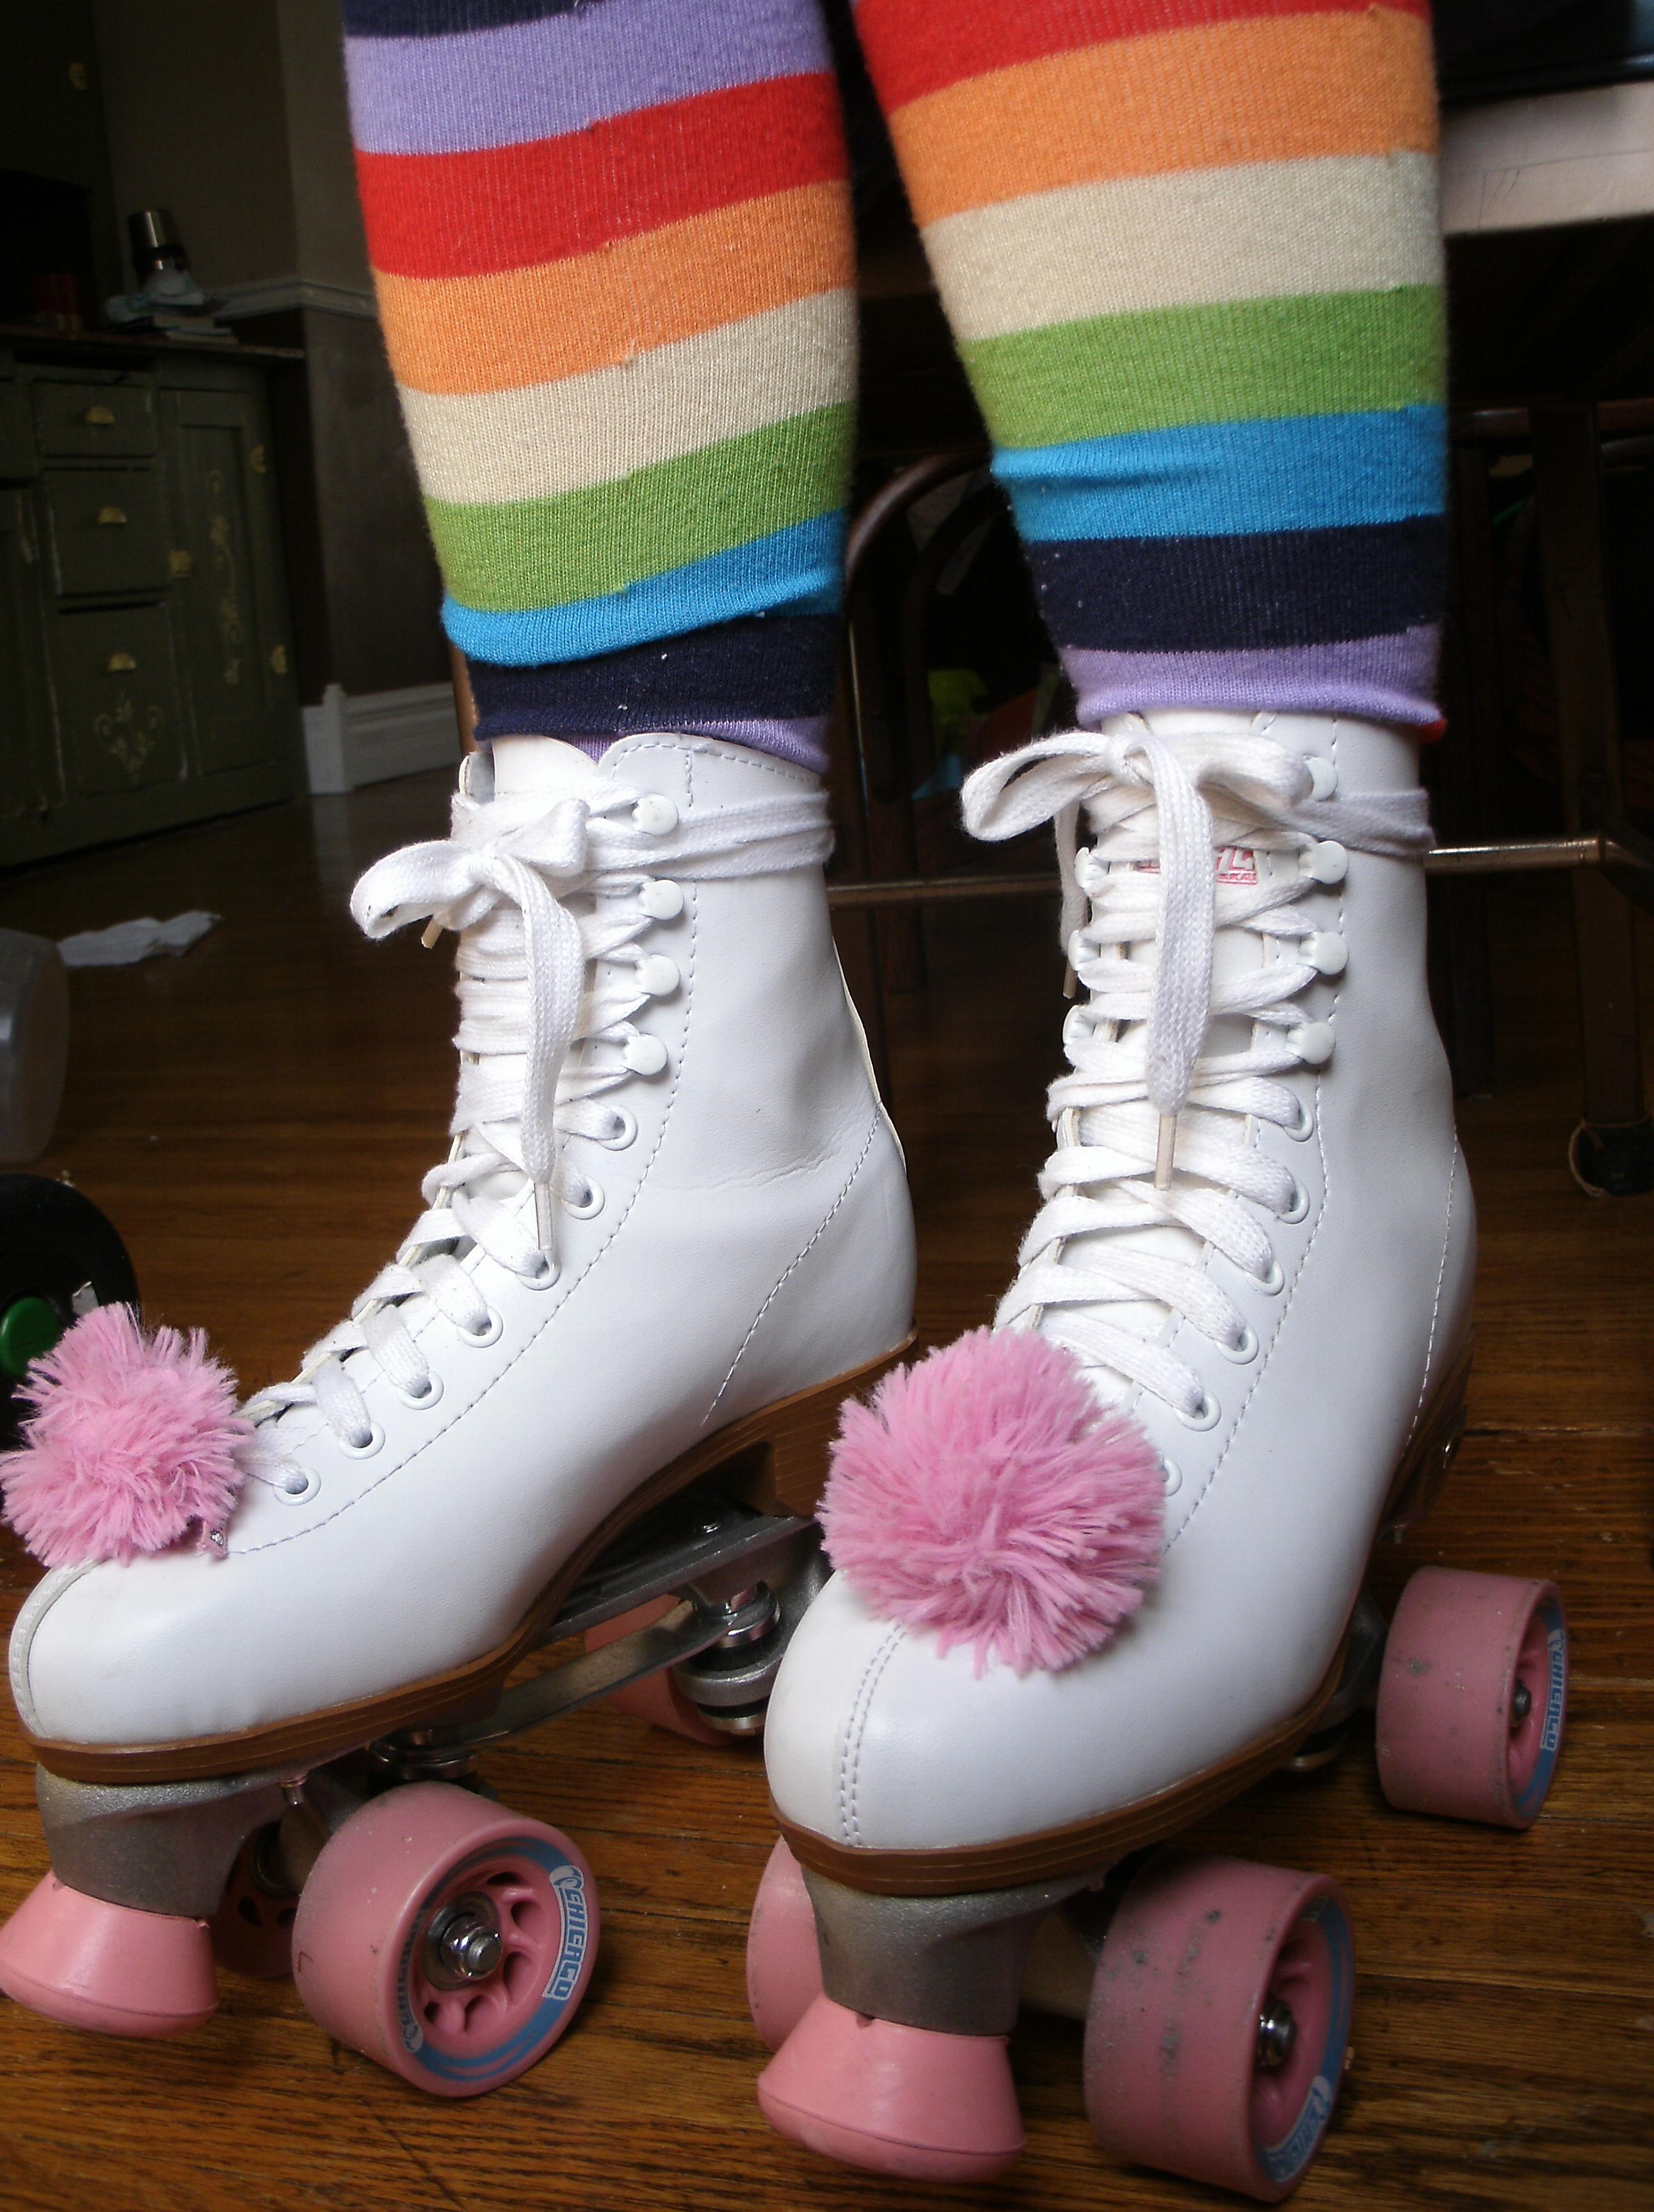 Chicago roller skates walmart - Roller Skating In The Black Hills